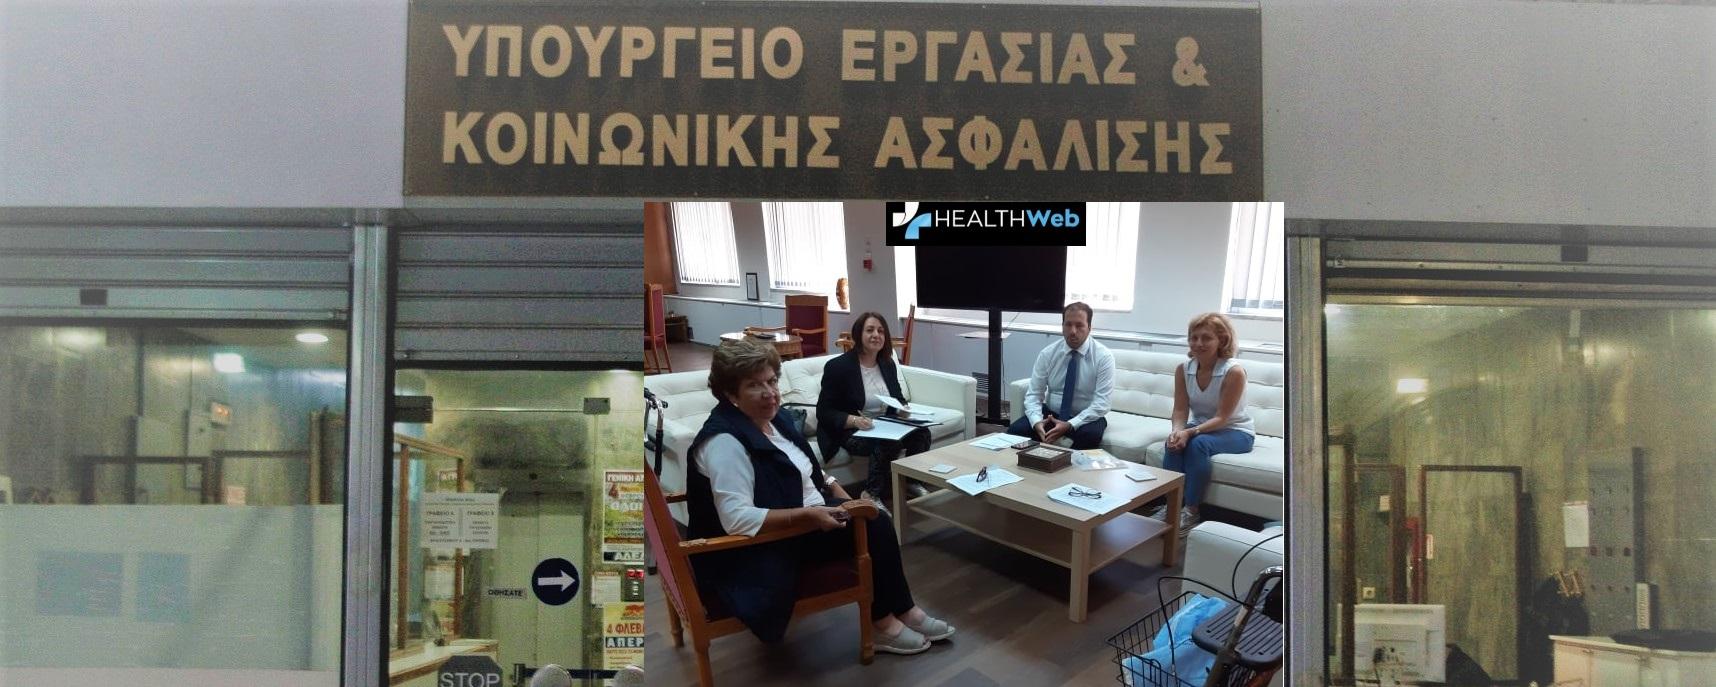 ΠΟΑμΣΚΠ: Συνάντηση με την νέα ηγεσία του Υπουργείου Εργασίας